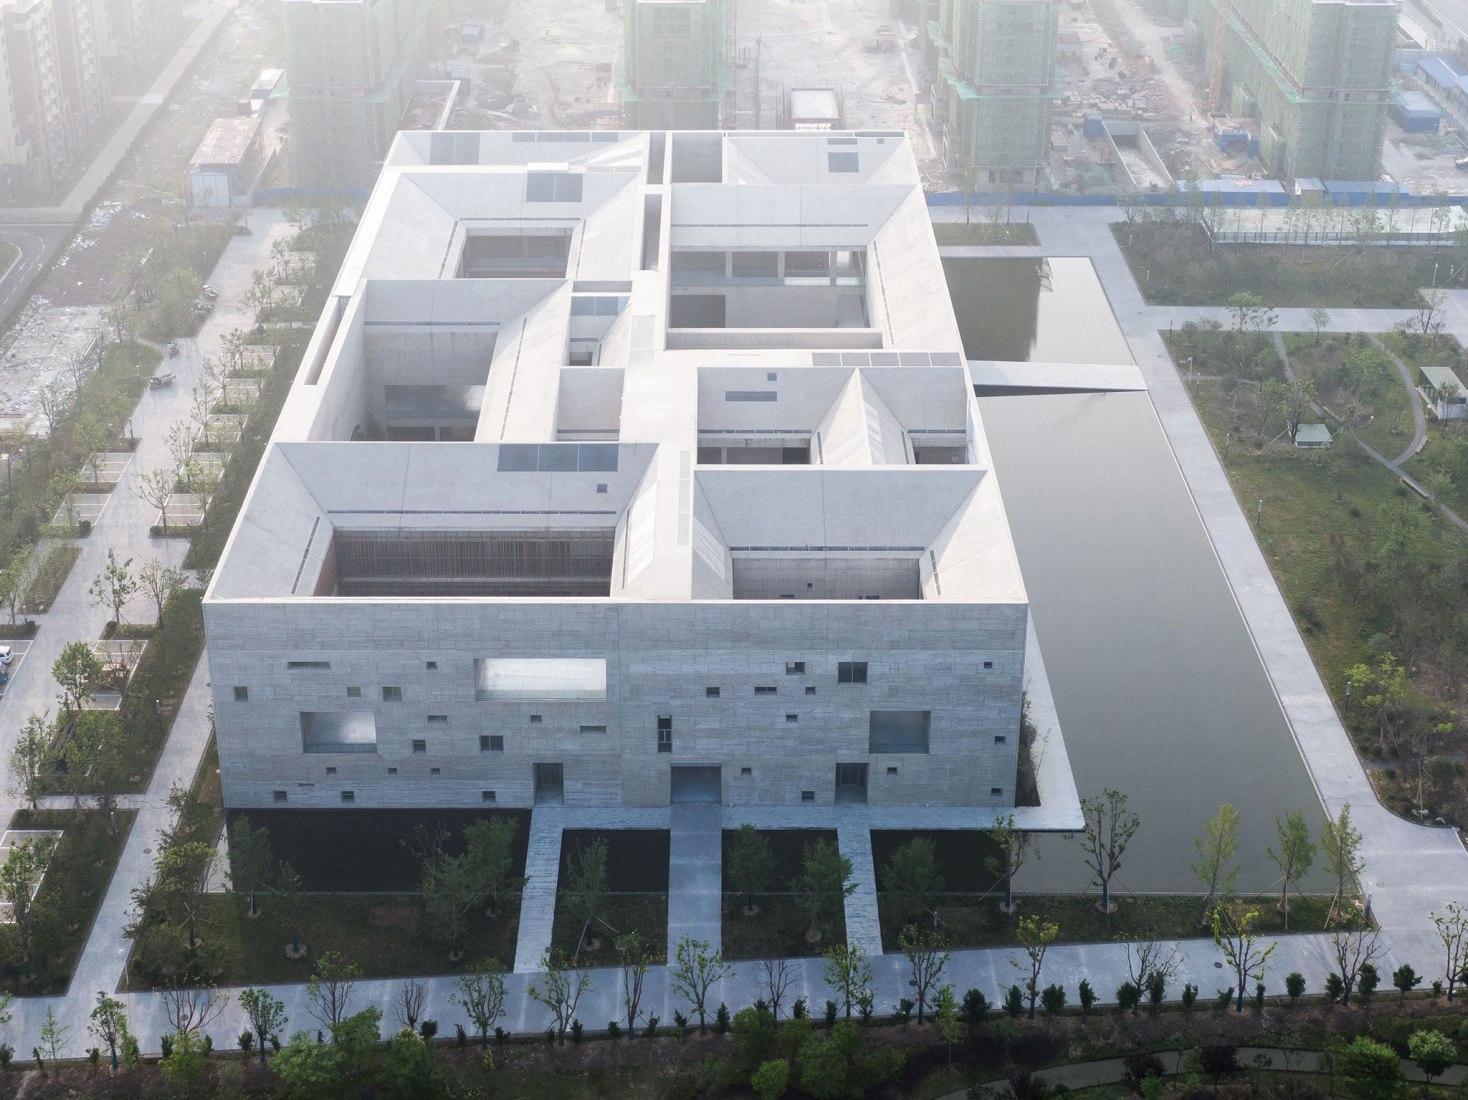 Vista aérea. Centro de Cultura y Arte del Condado de Shou por Studio Zhu-Pei. Fotografía por Schran ImagesVista aerea. Centro de Cultura y Arte del Condado de Shou por Studio Zhu-Pei. Fotografía por Schran Images